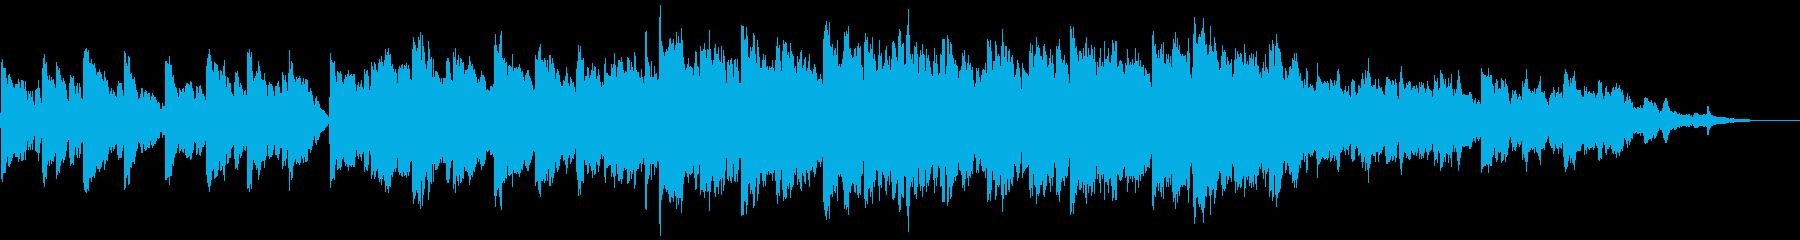 ピアノとストリングスの感動的なBGMの再生済みの波形